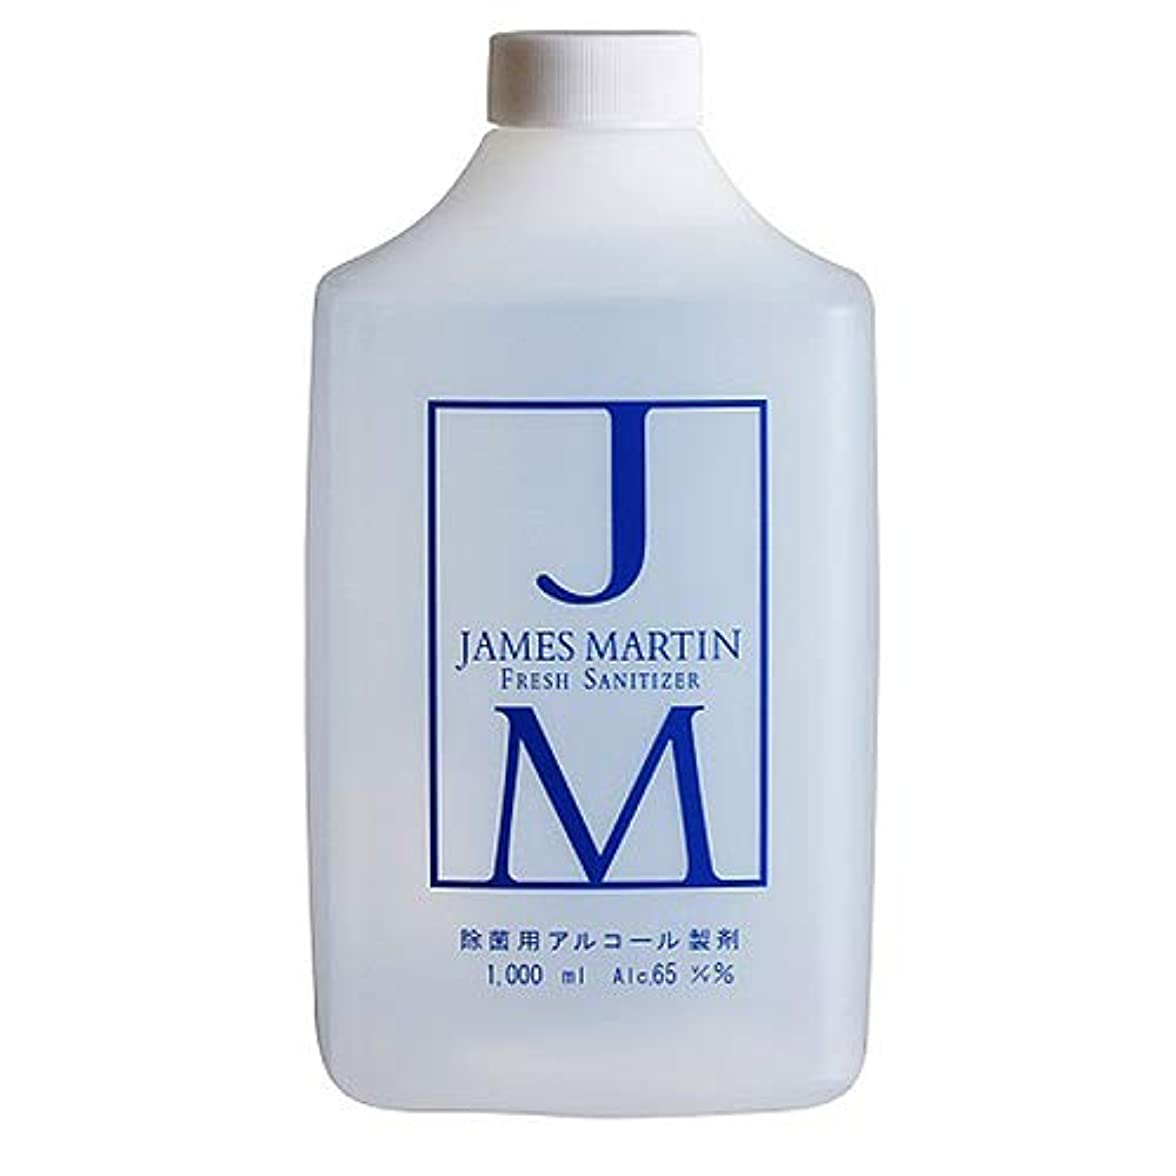 溶接一般化する等価JAMESMARTIN フレッシュサニタイザー 詰め替え用ボトル 1L